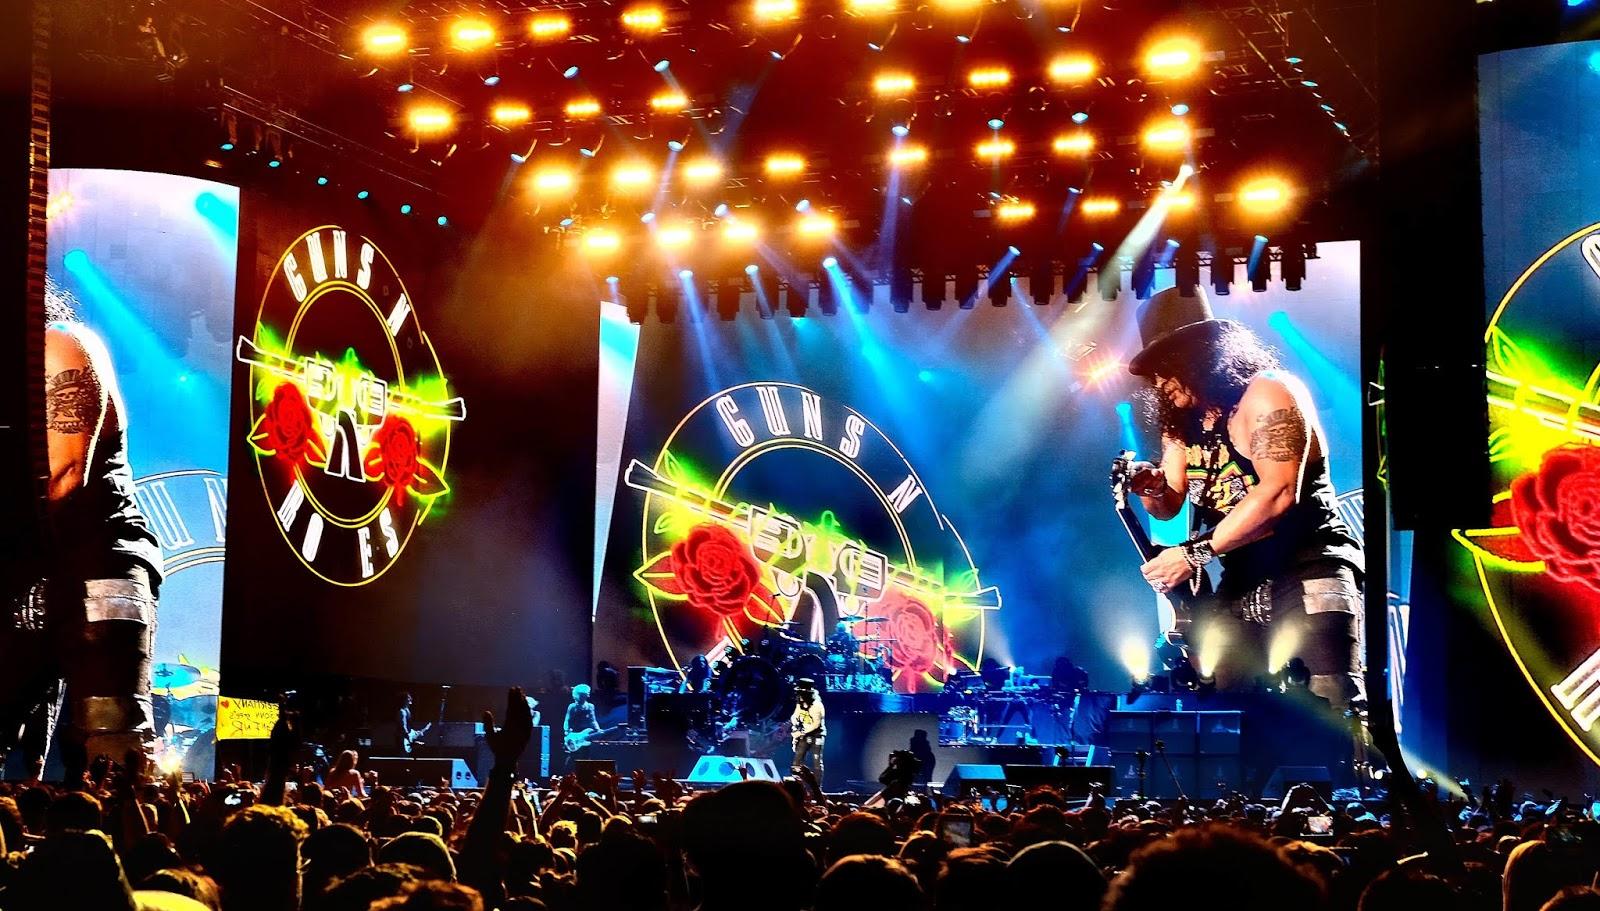 Guns N' Roses Still Reaches More Than 5 Million Fans